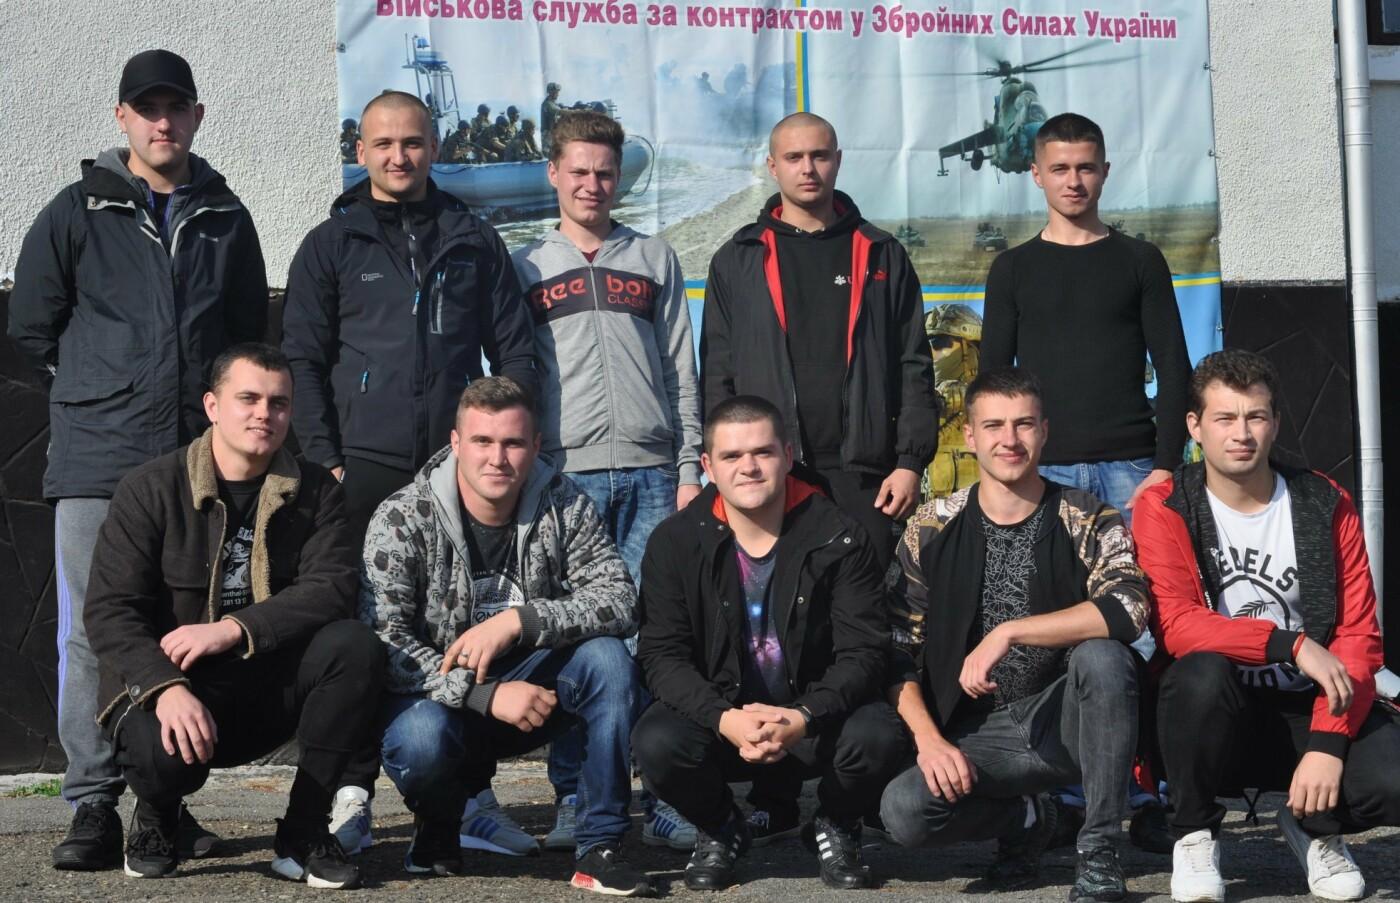 На строкову службу вирушила чергова команда буковинців - ФОТО, фото-2